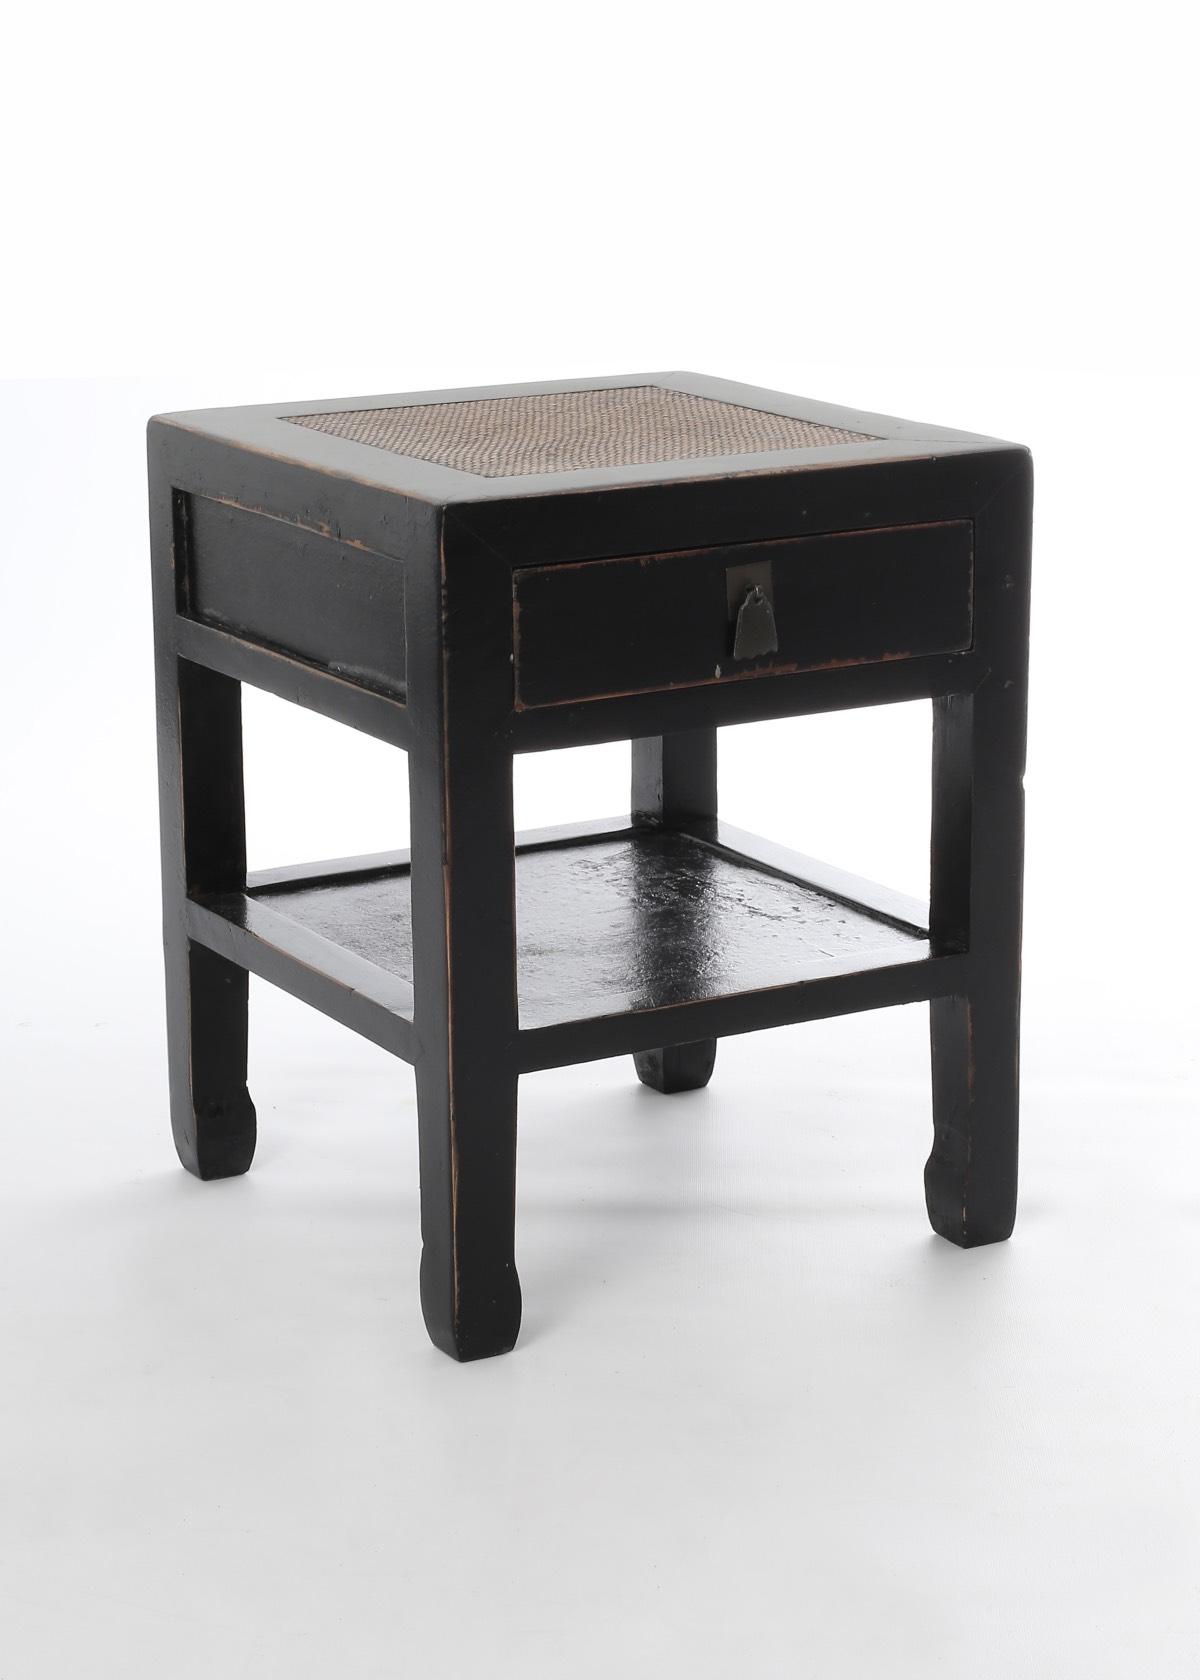 Comprar Muebles Orientales Muebles Orientales Baratos Kulunka Deco # Muebles Japoneses Baratos